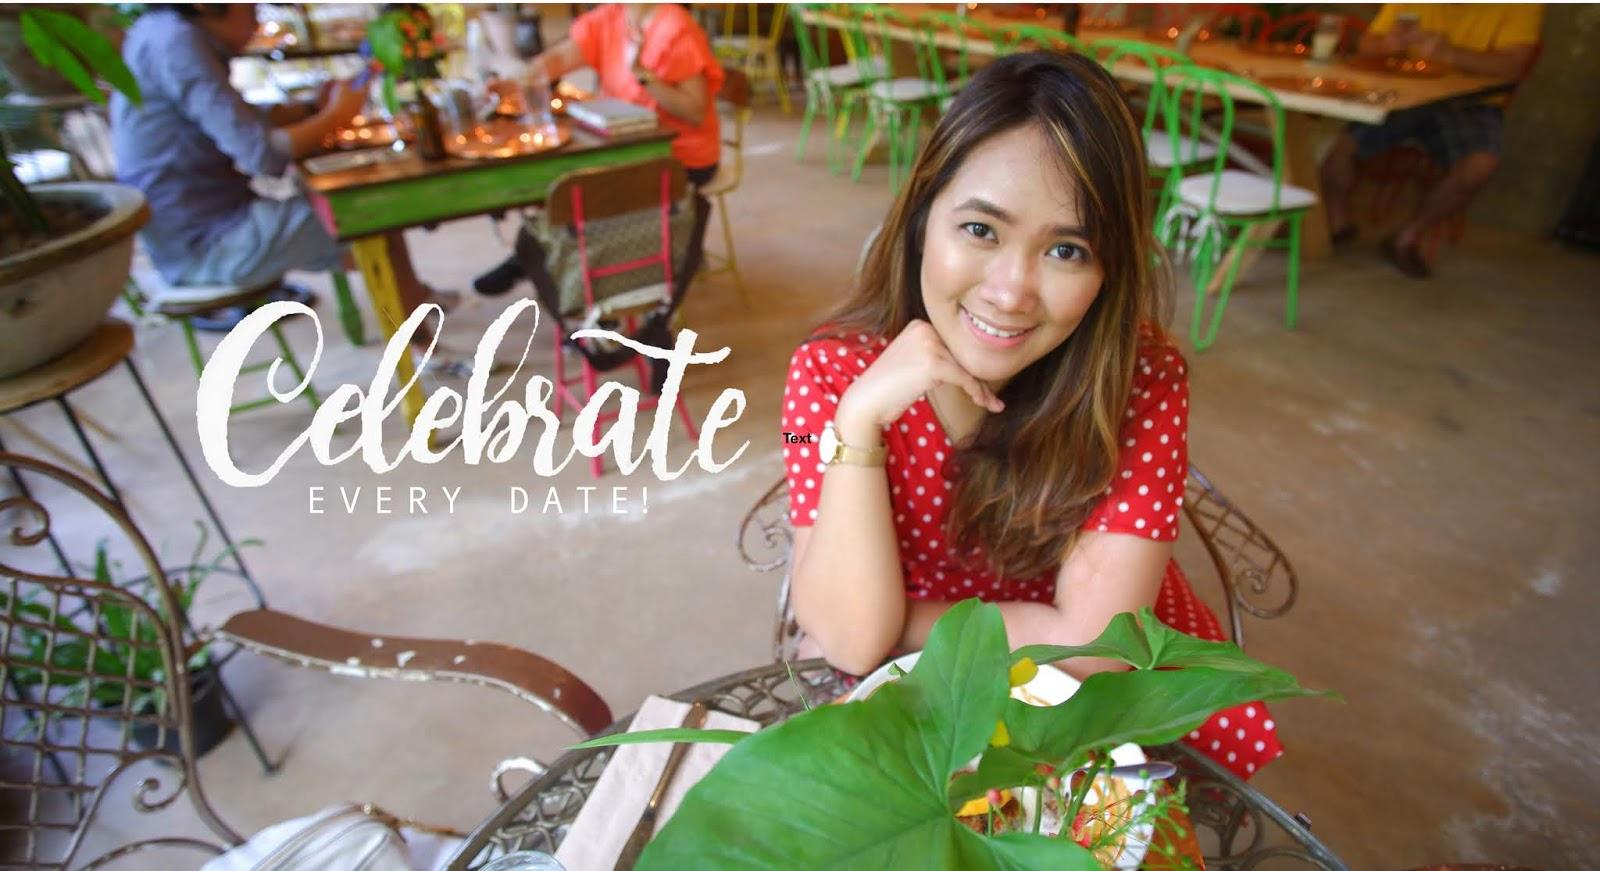 Celebrate Every Date!